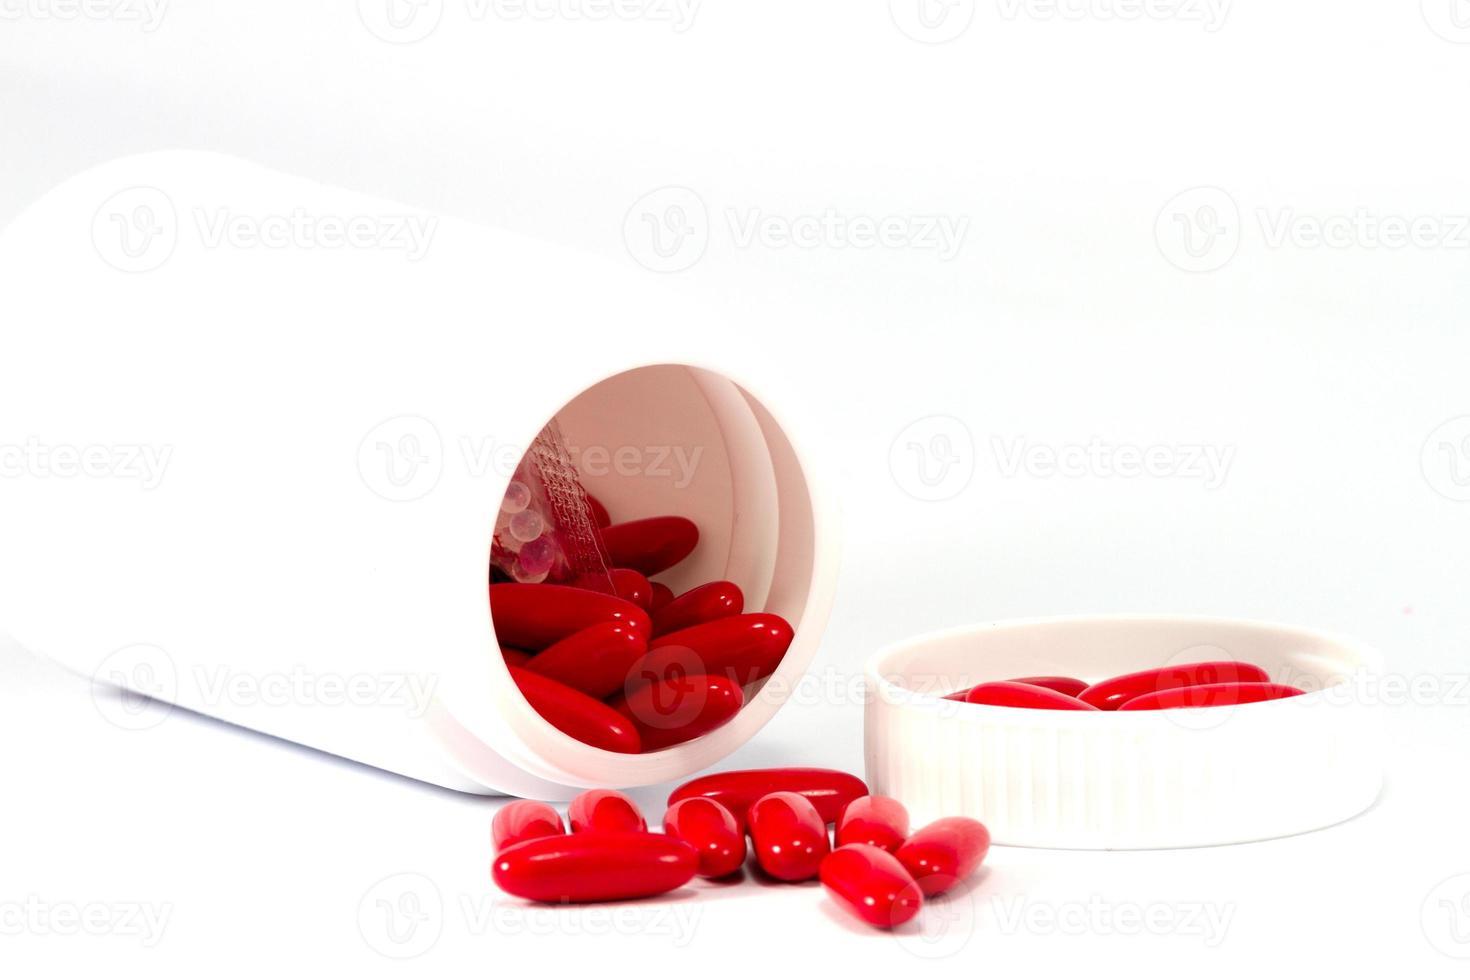 comprimidos de medicamento vermelho saindo do frasco branco foto